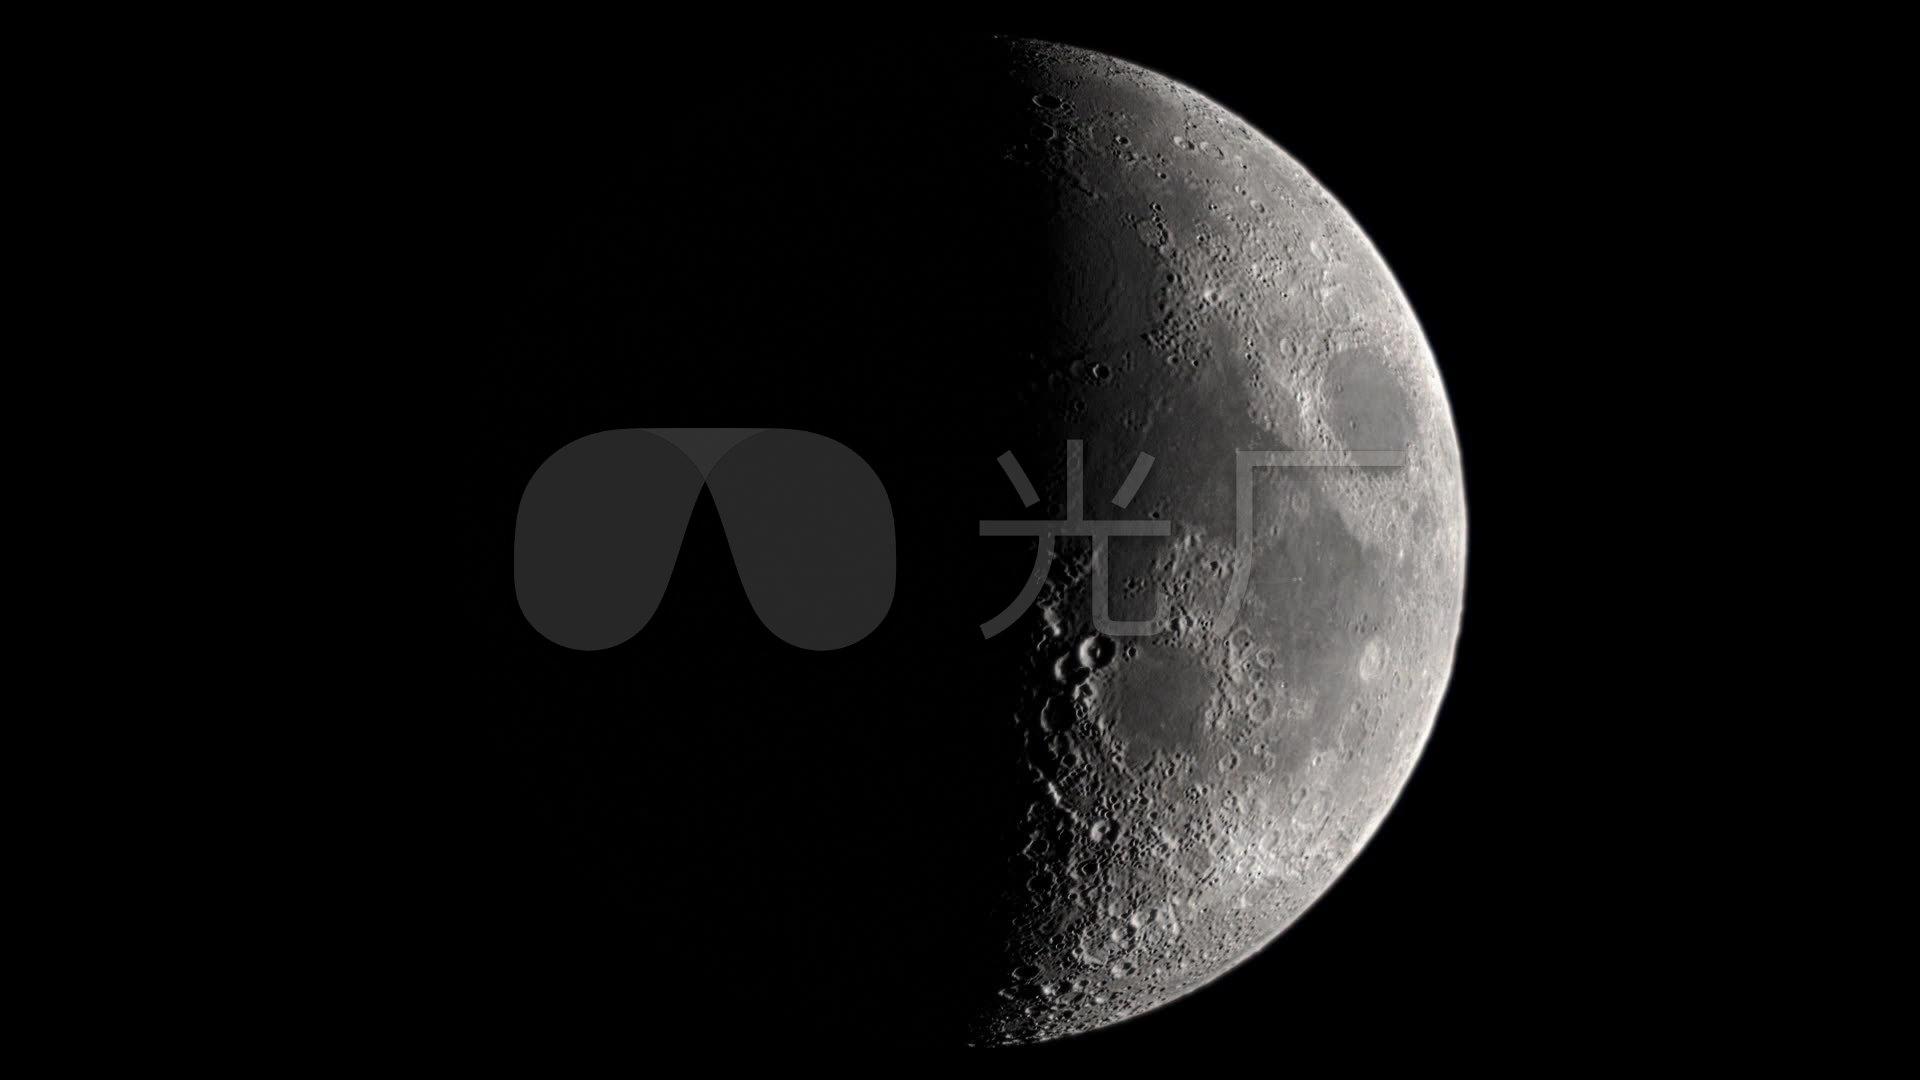 月球圆缺高清视频素材